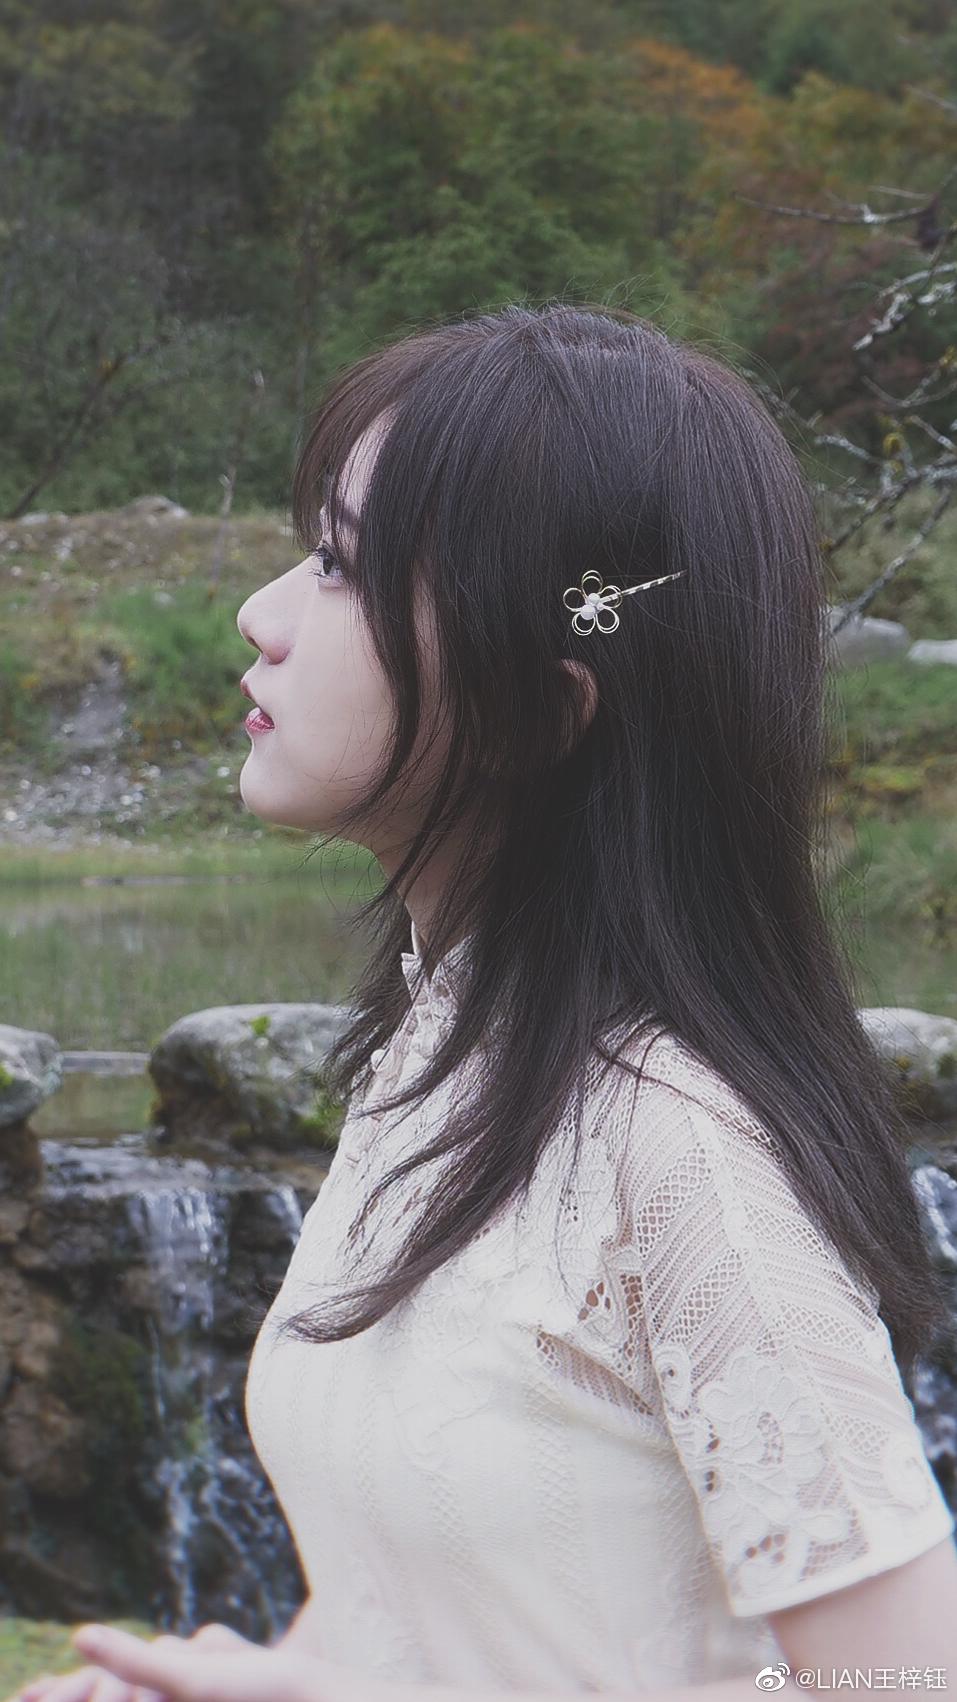 鄉民狂推「中國版愛莉莎莎」相似度超高 粉絲對比照片後大驚:以為是本人!